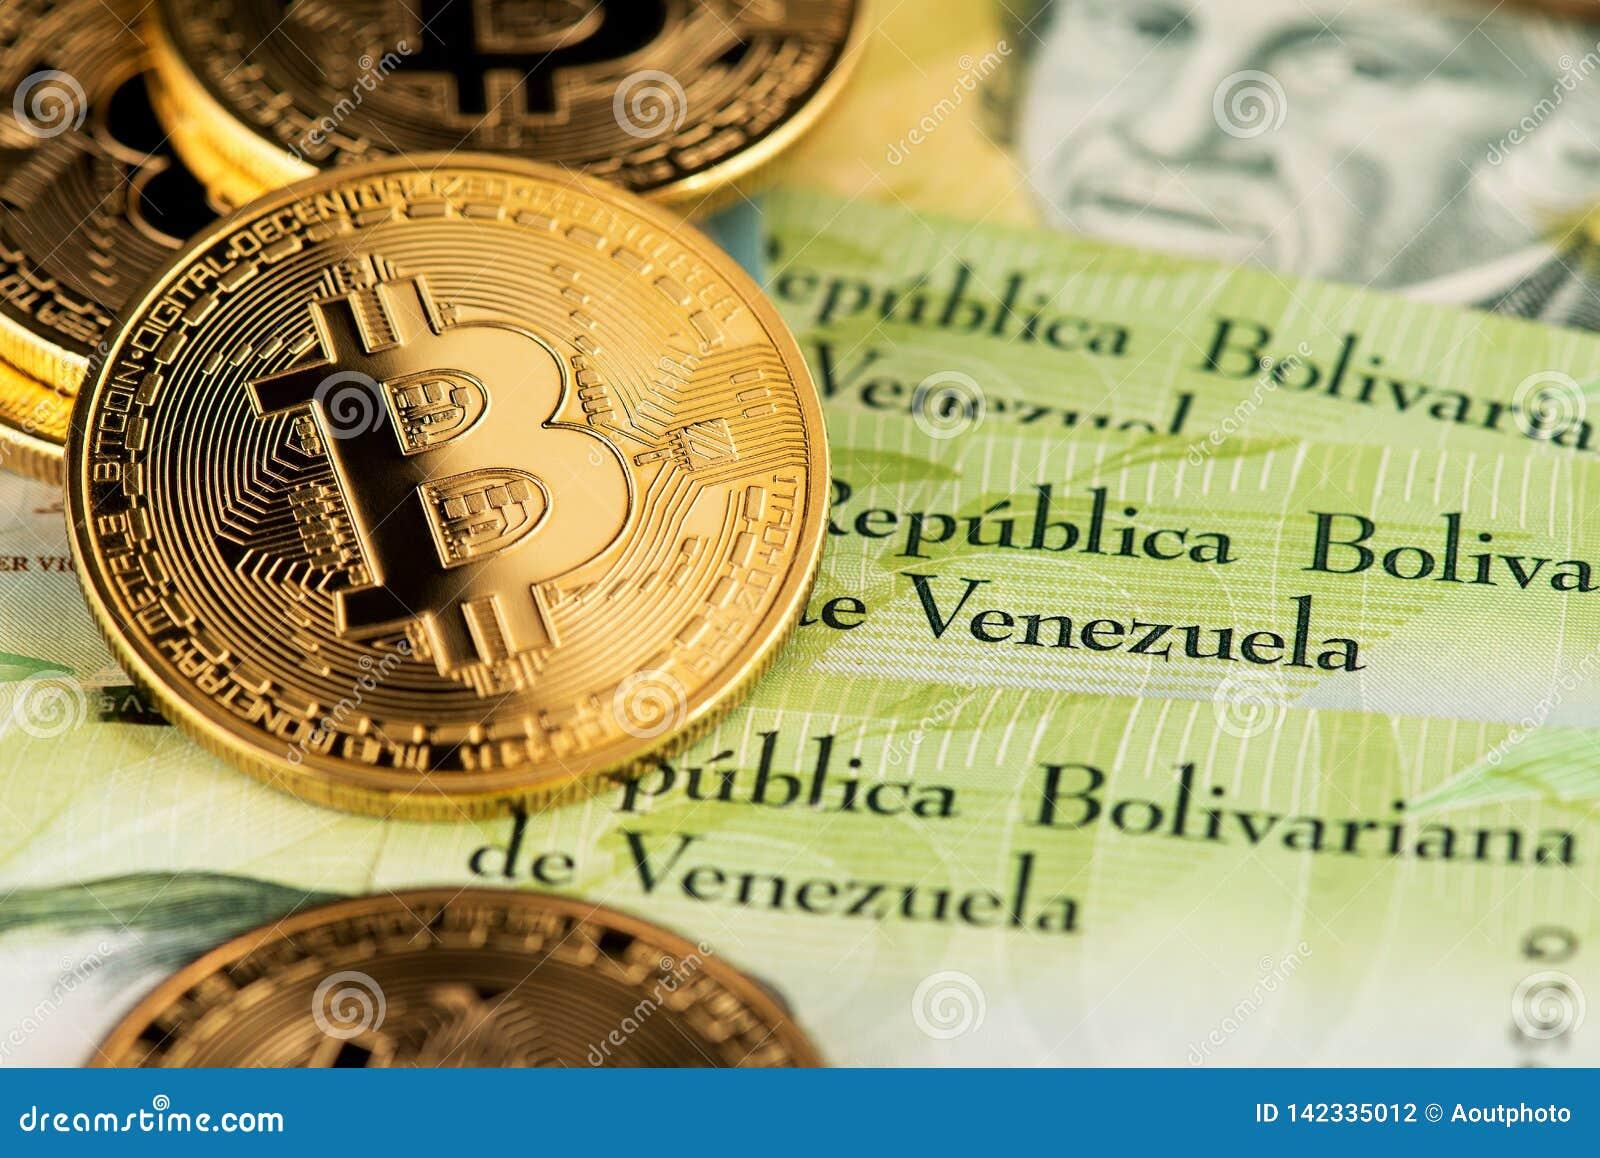 bolivar bitcoin